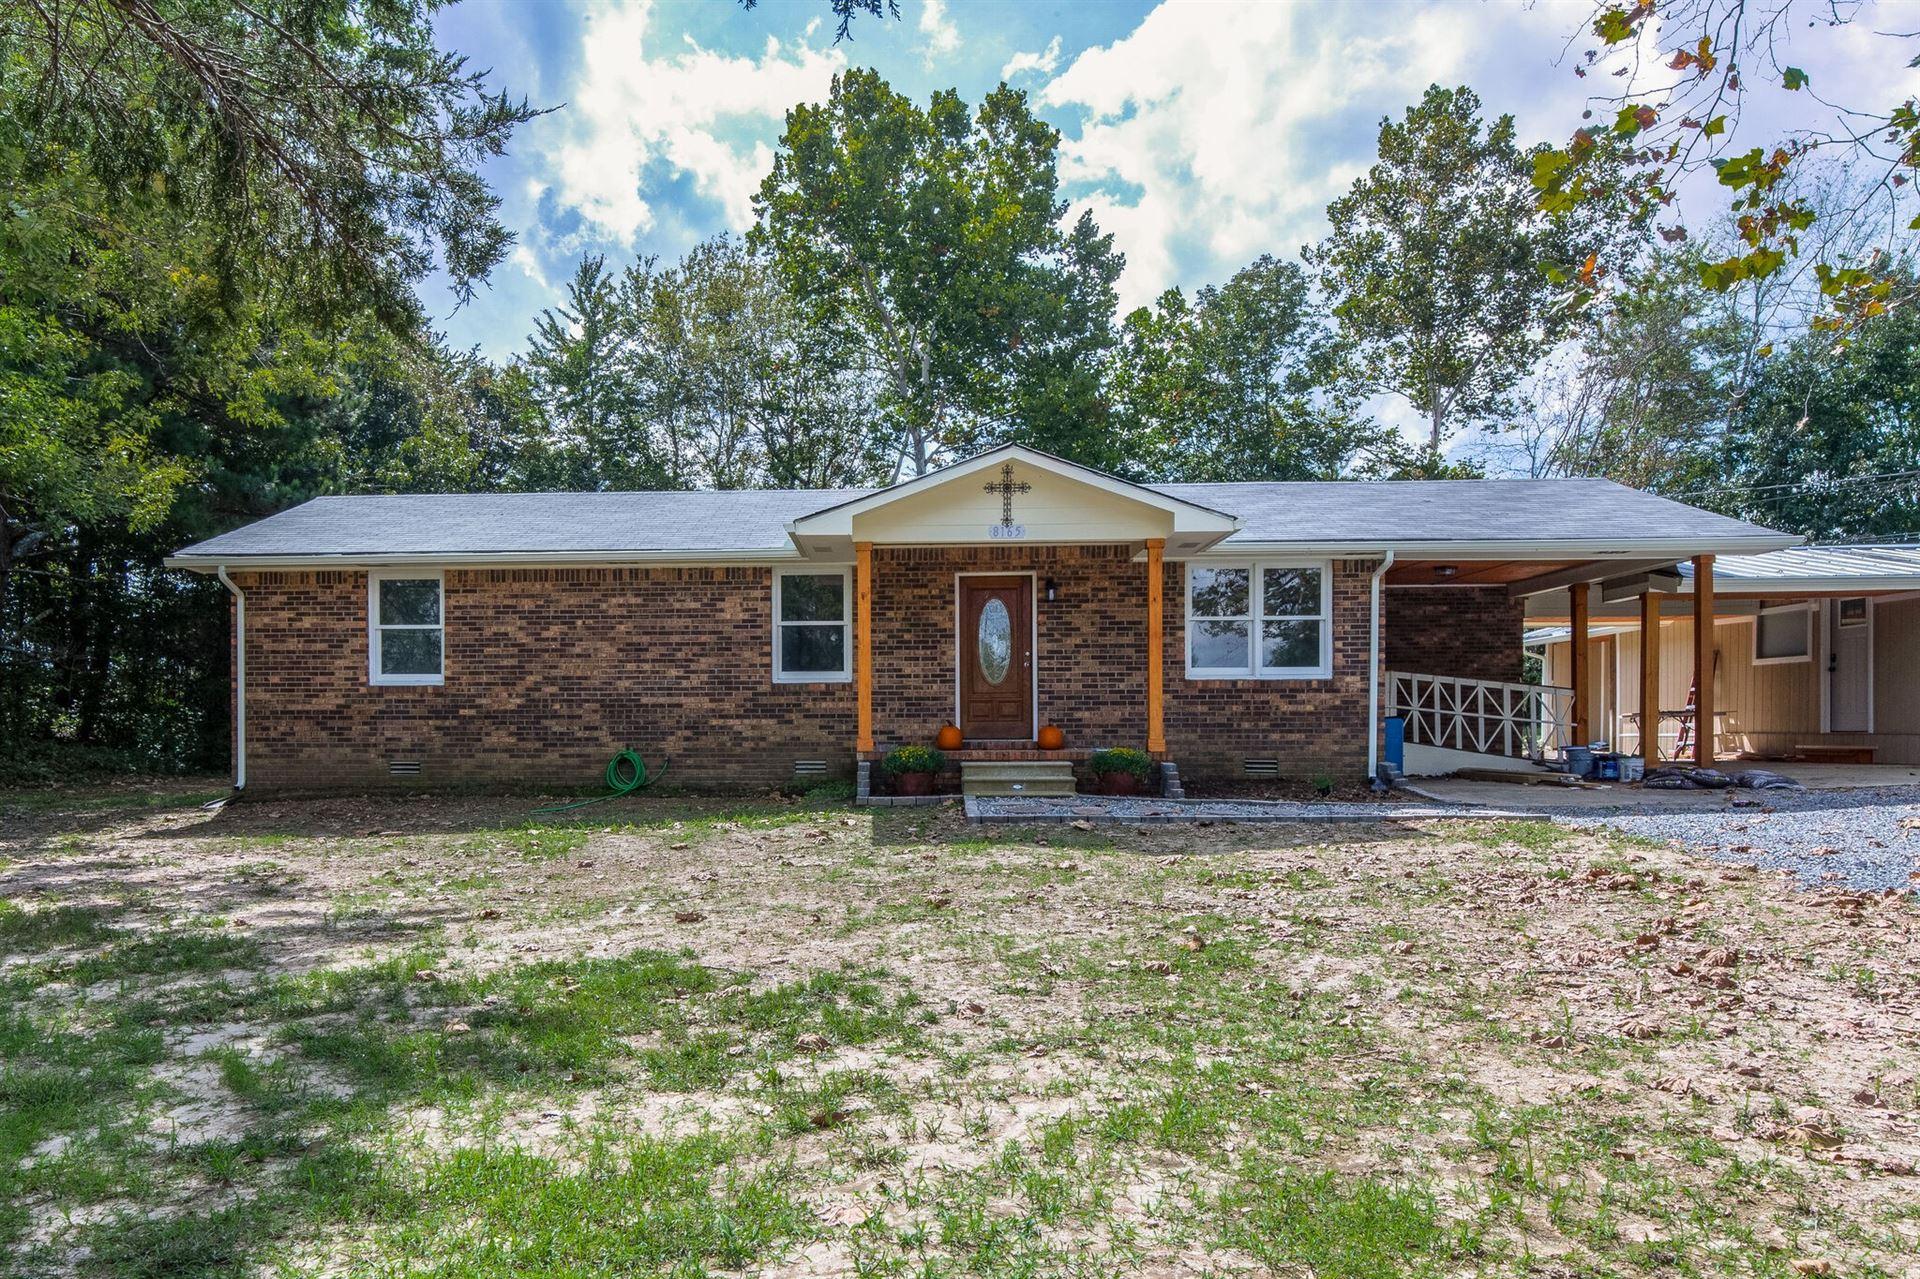 Photo of 8165 Bishop Lane, Lyles, TN 37098 (MLS # 2295240)